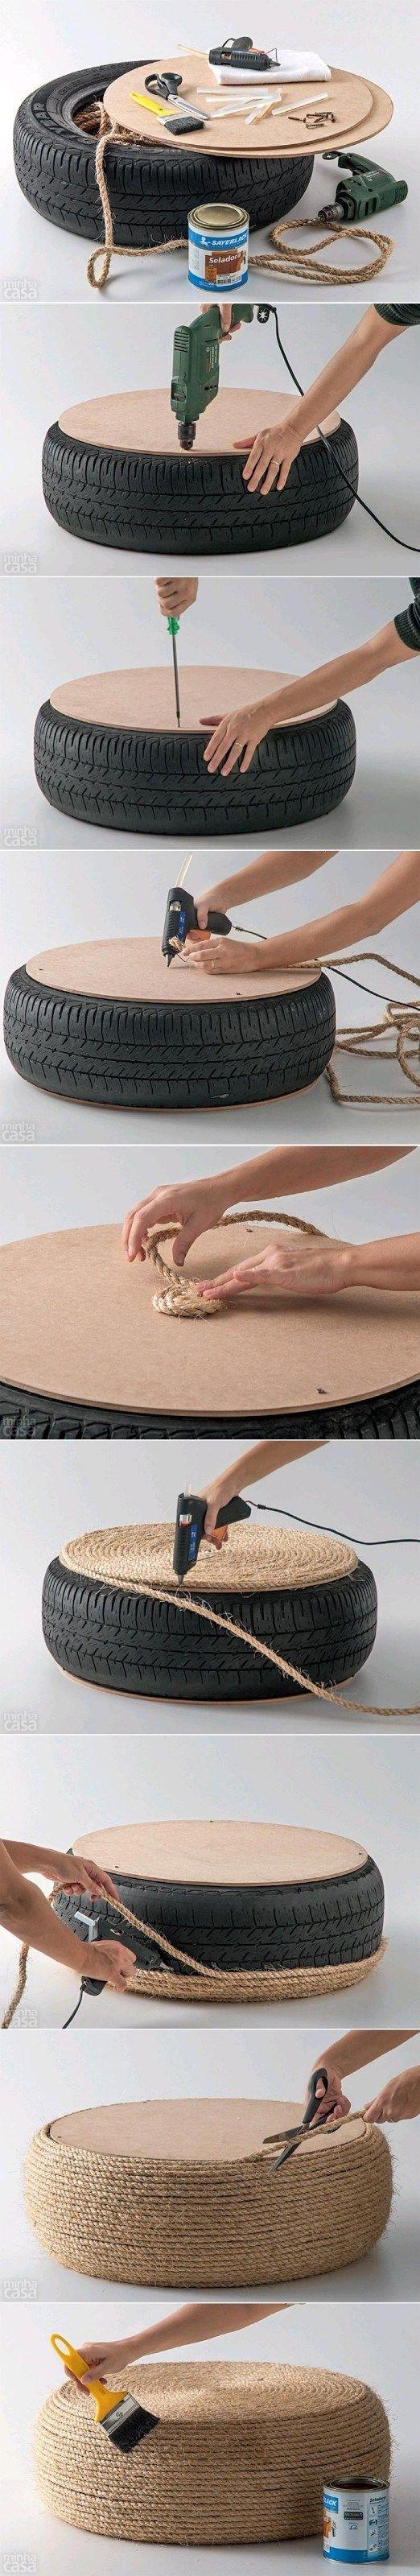 Puf de una rueda                                                       …